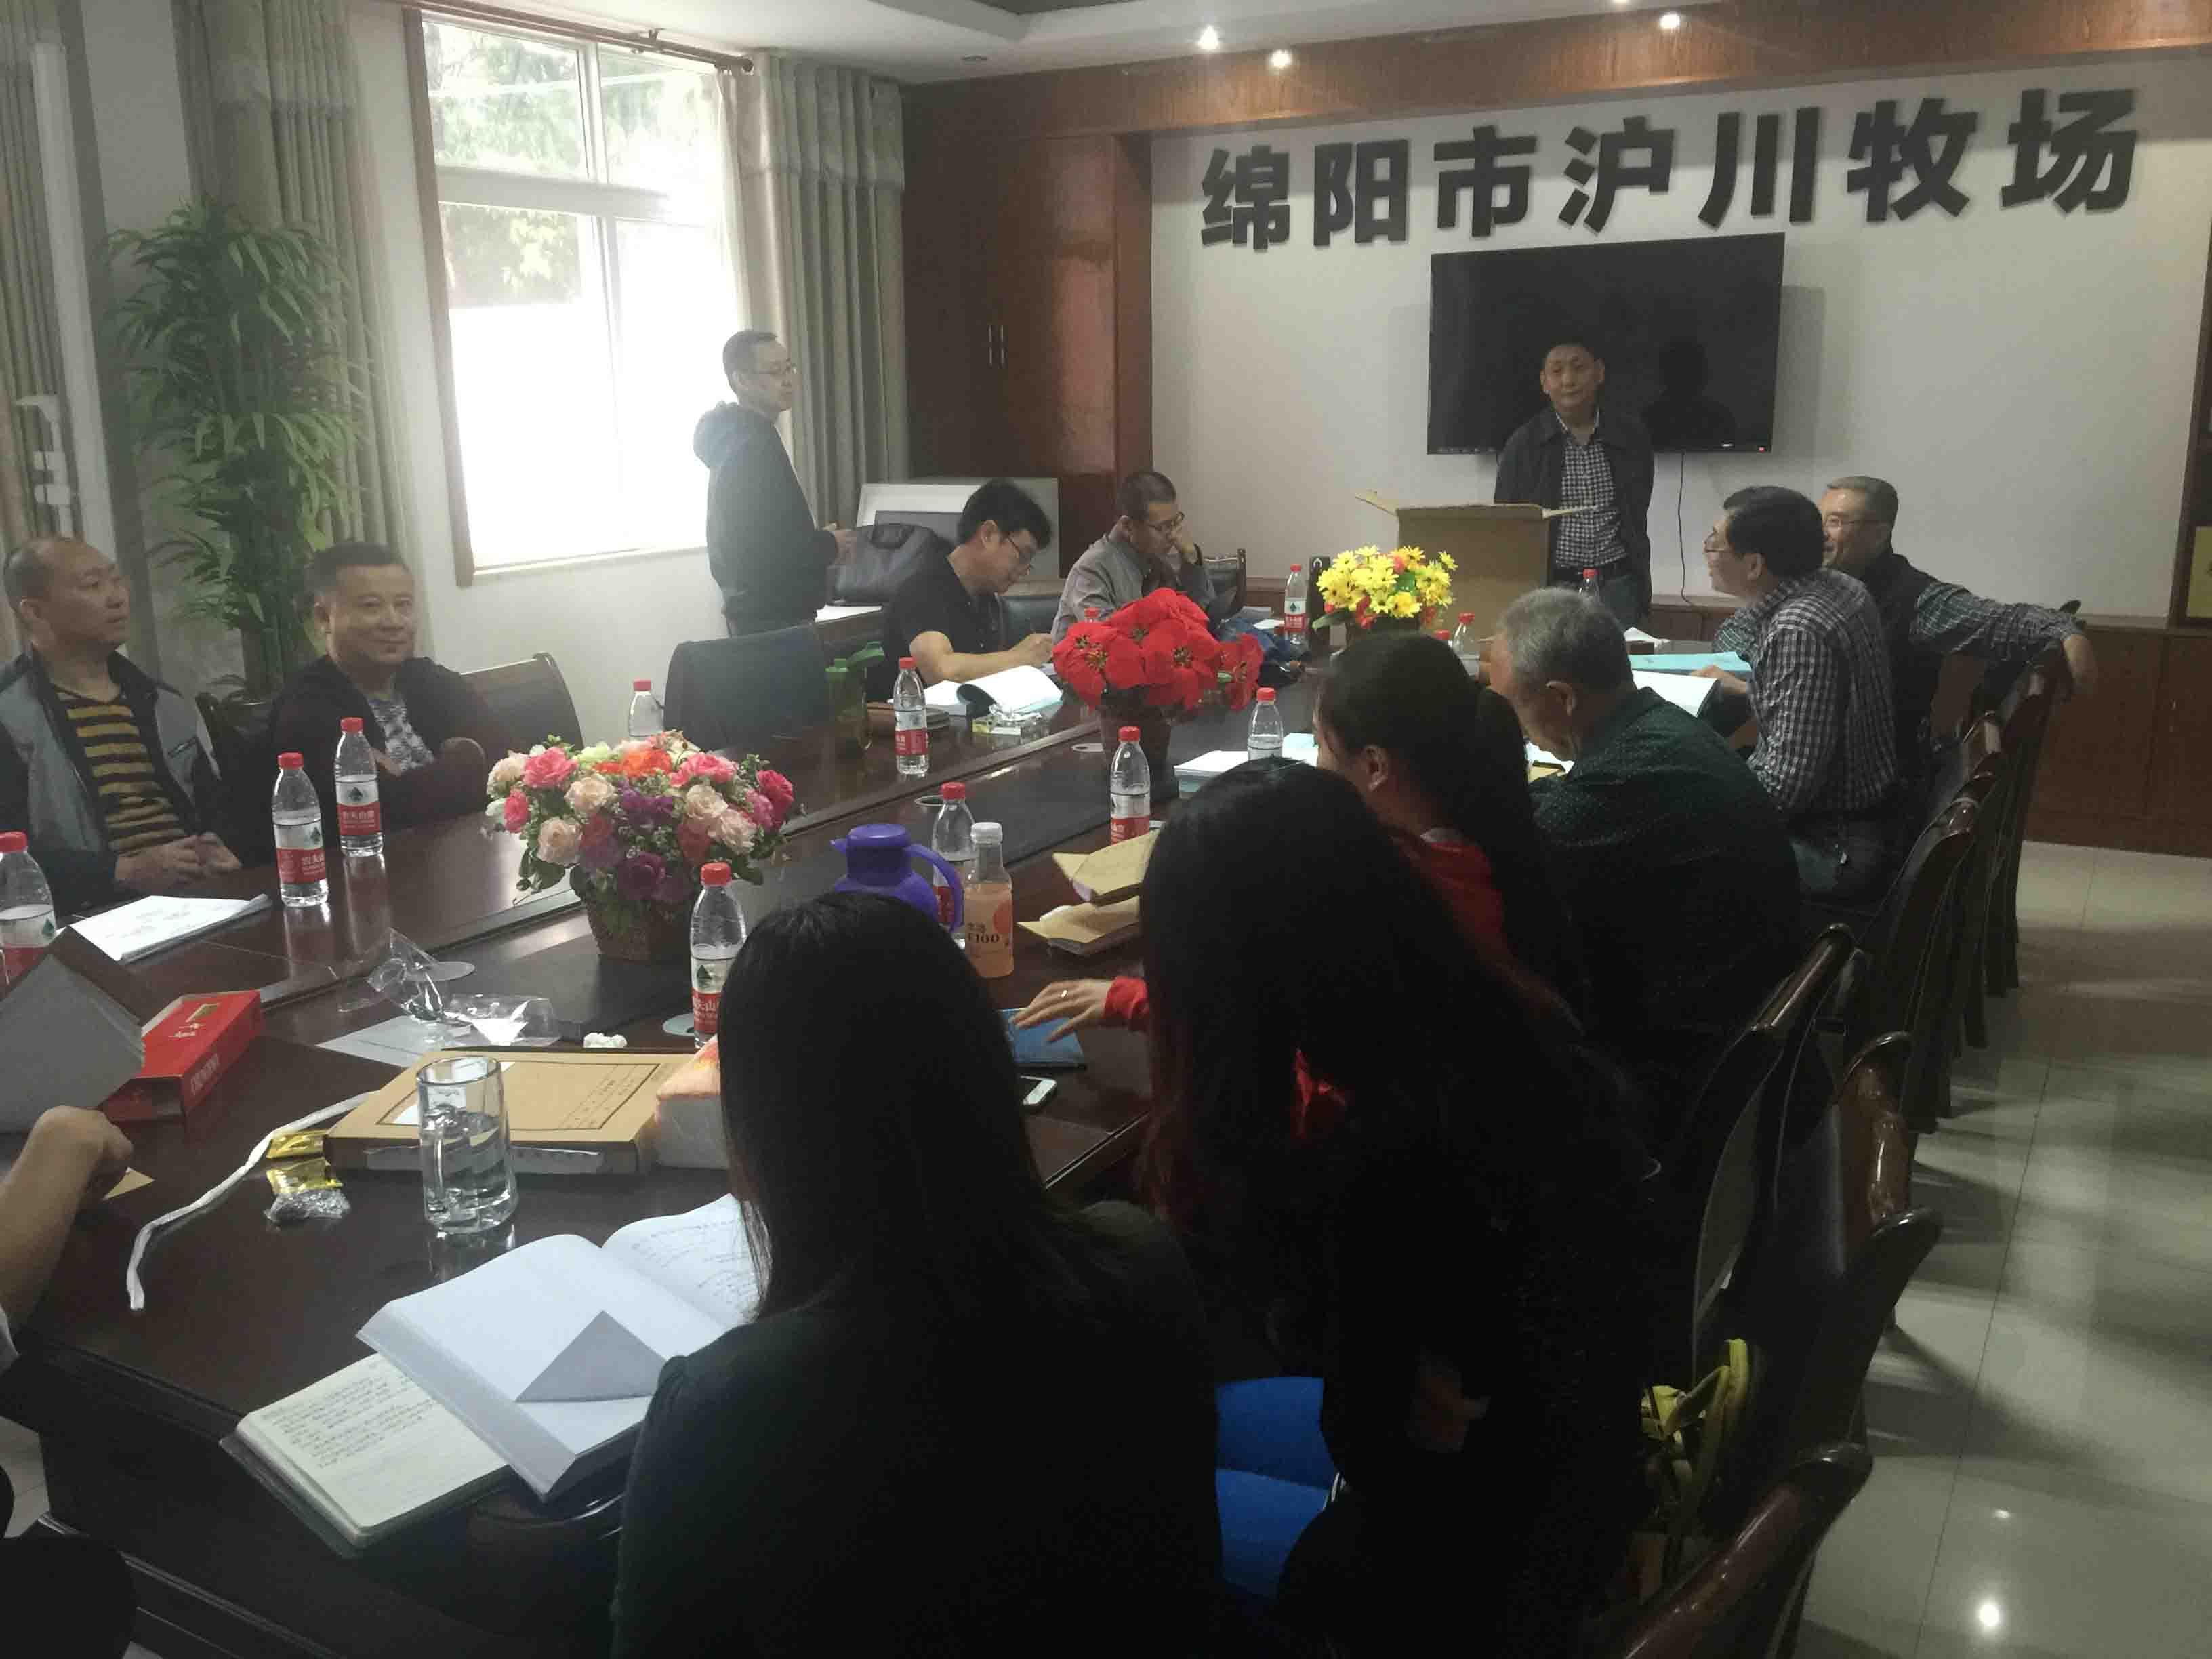 绵阳沪川牧场项目获得省级验收